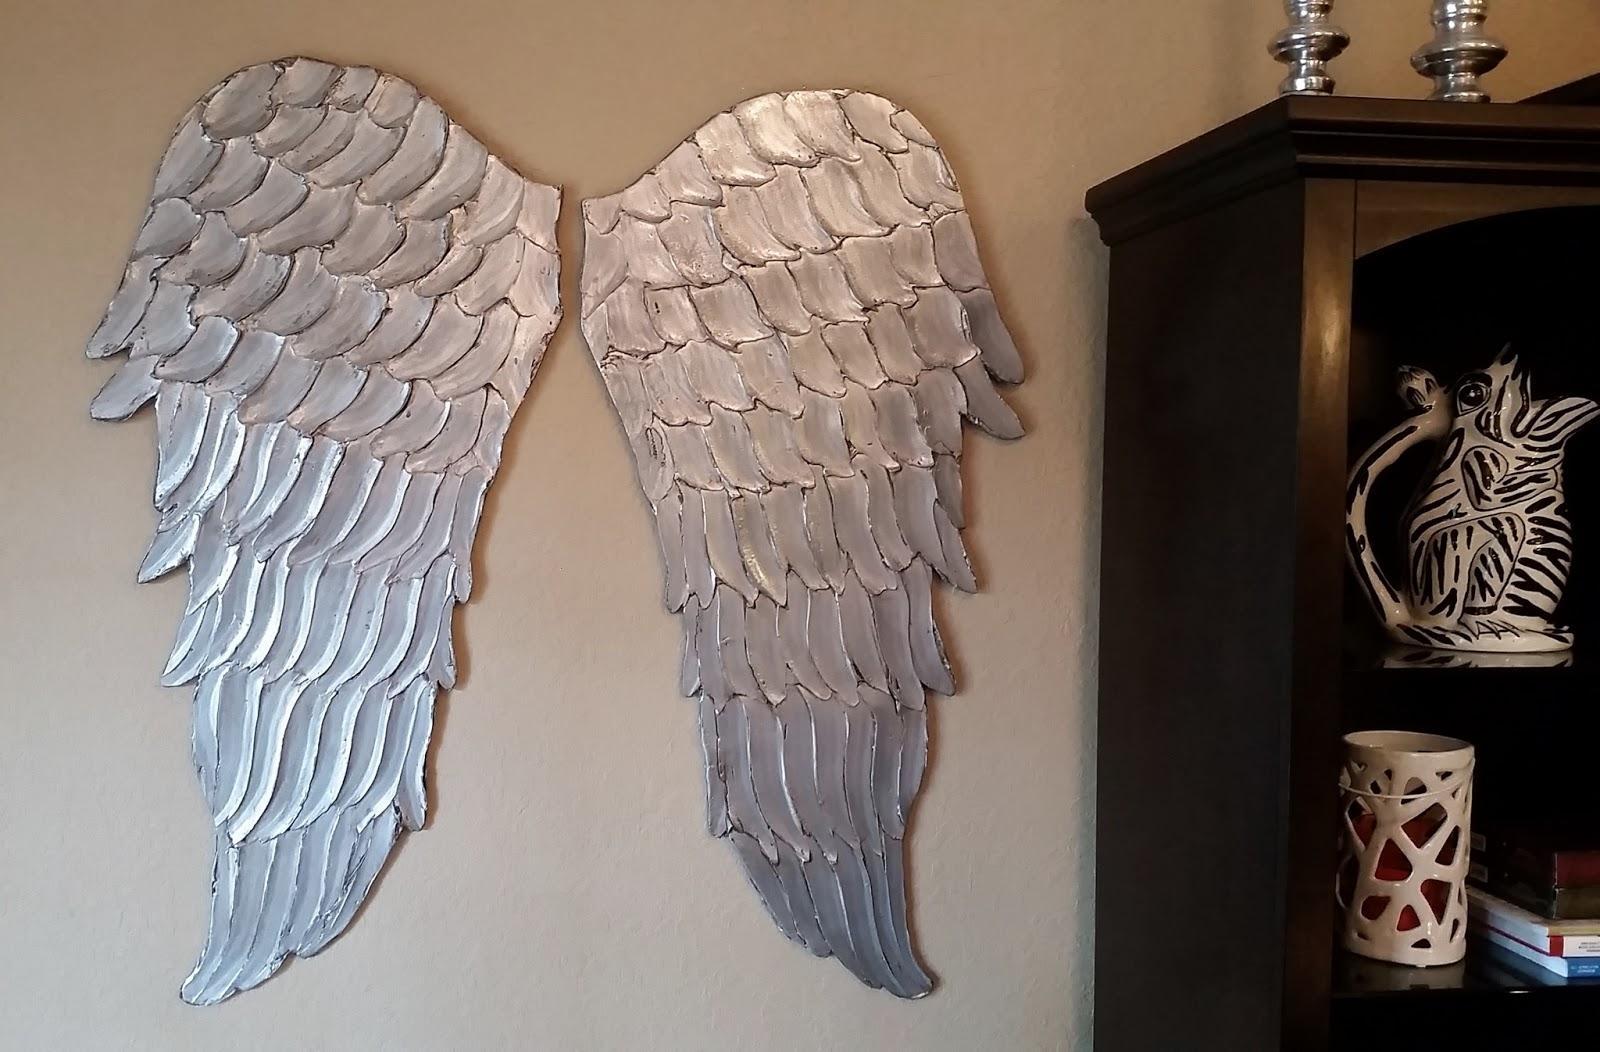 Wood Angel Wings Wall Art, Large Carved Look Wooden Angel Wings In Angel Wings Wall Art (View 4 of 20)